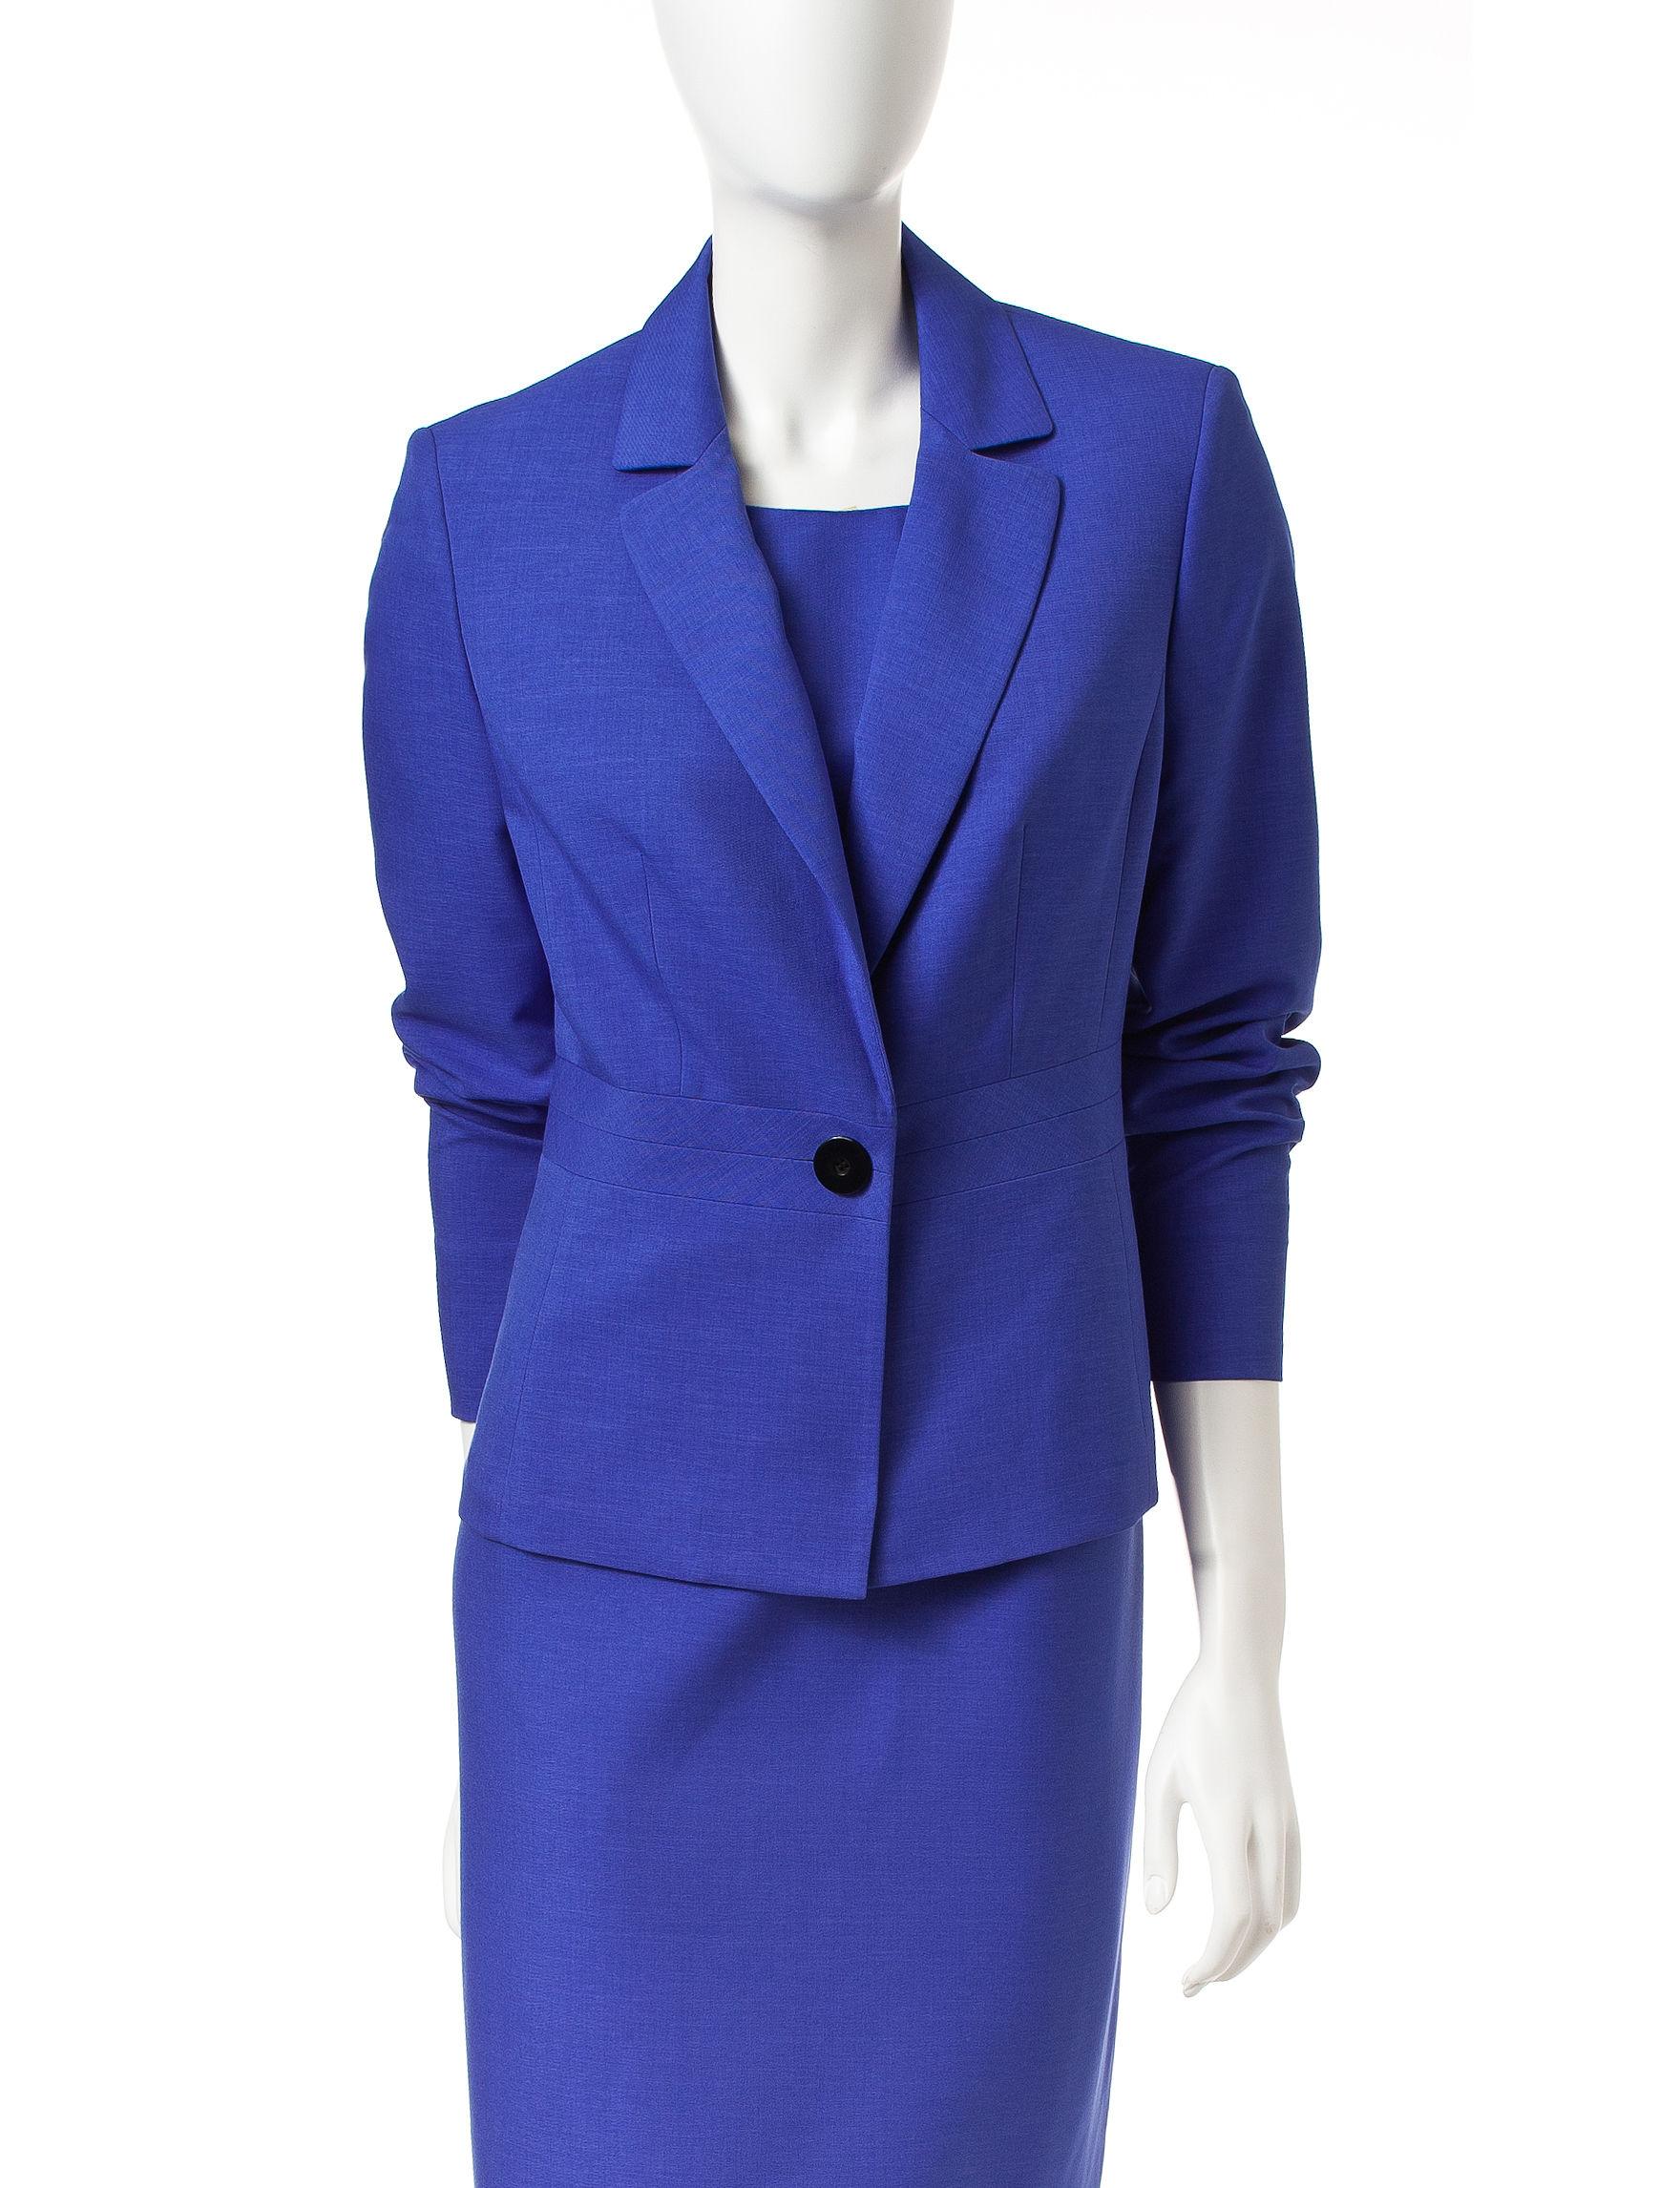 Kasper Purple Lightweight Jackets & Blazers